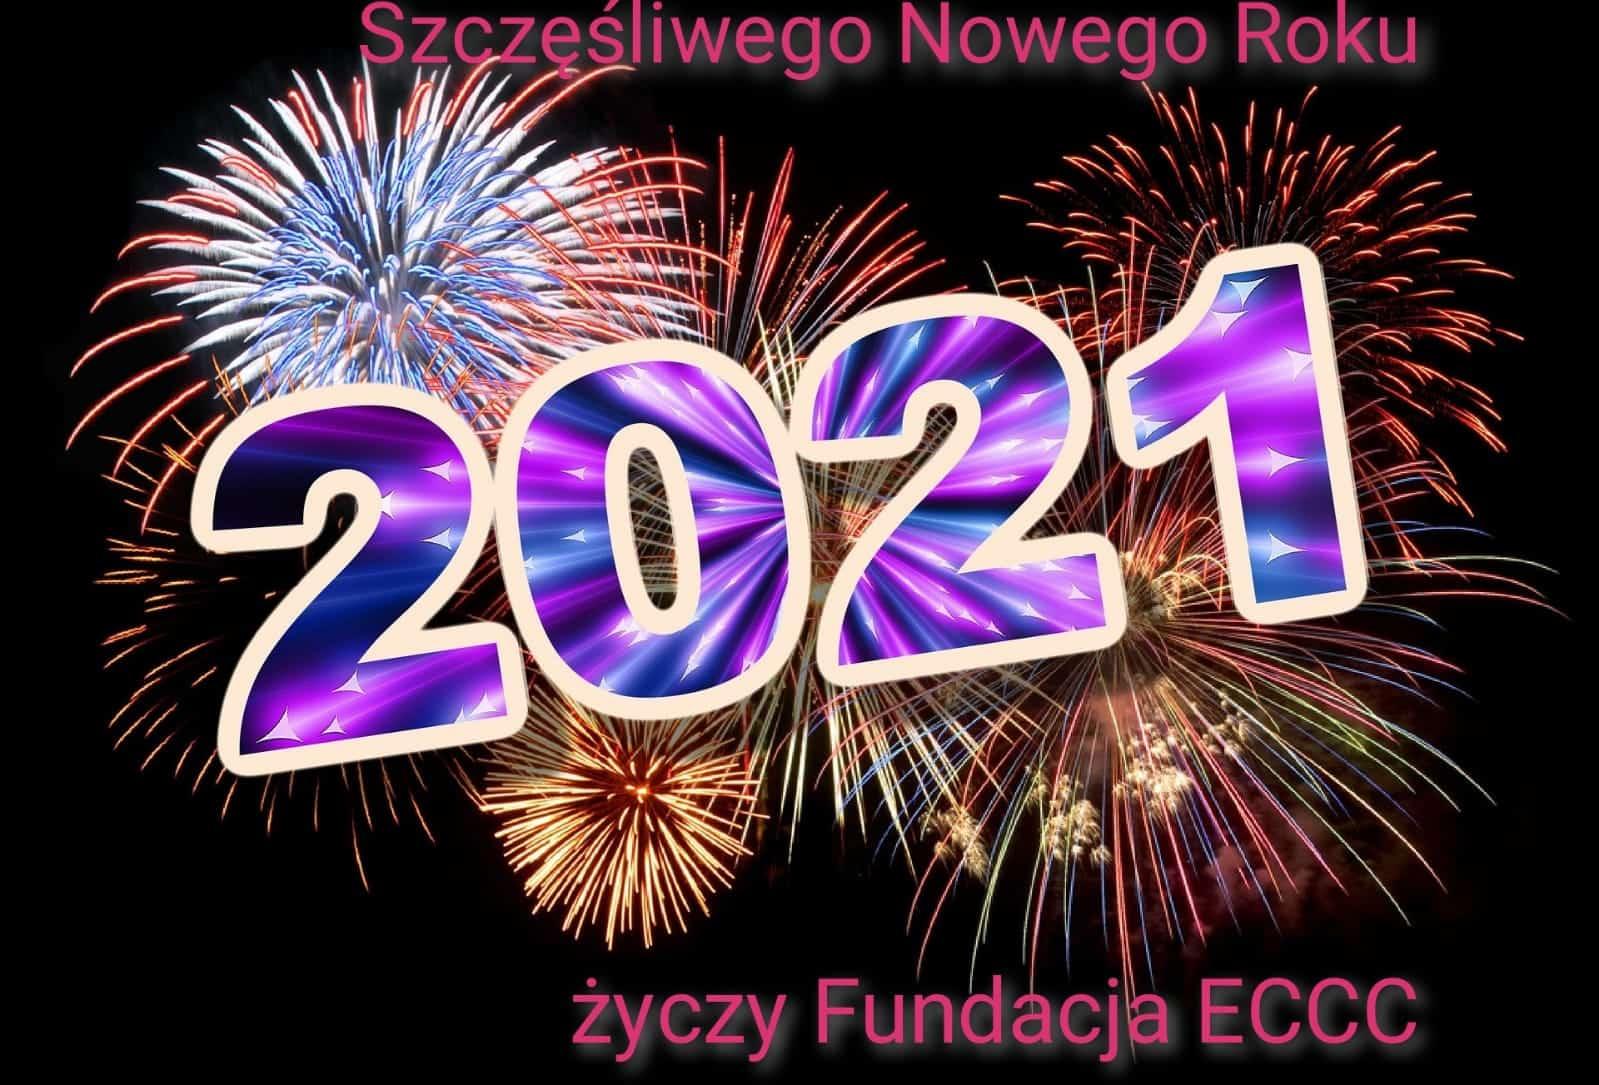 2021_nr.jpeg